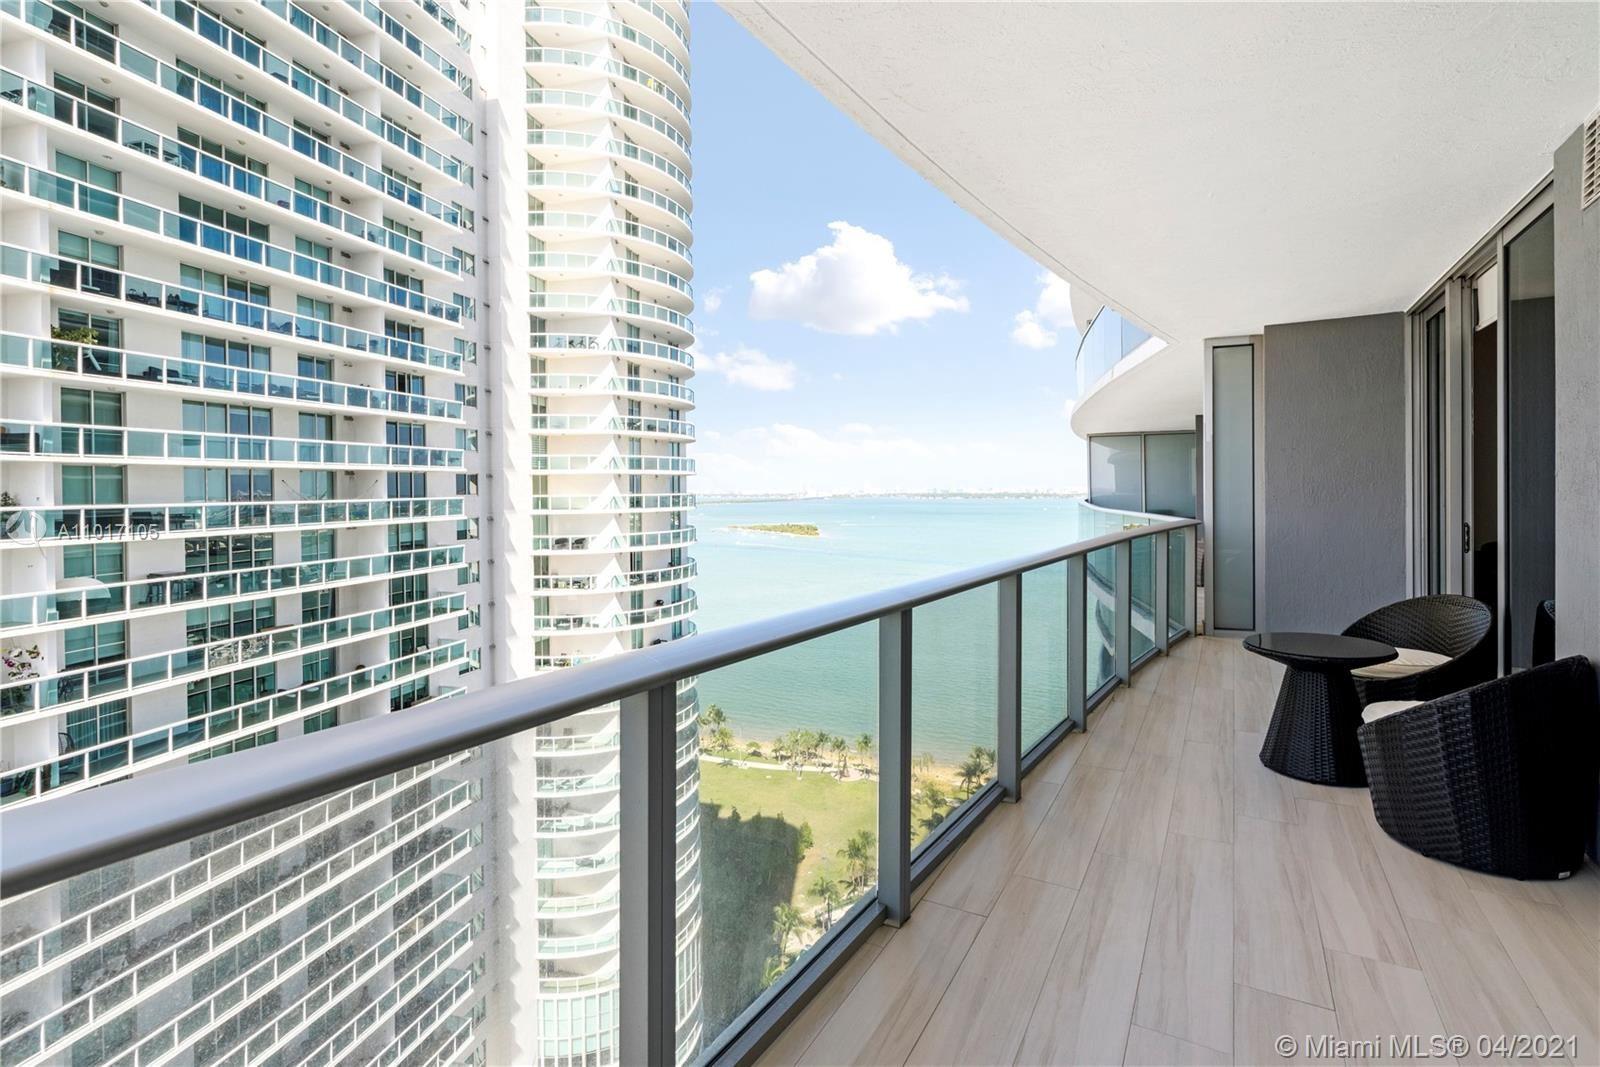 488 NE 18th St #2307, Miami, FL 33132 - #: A11017105